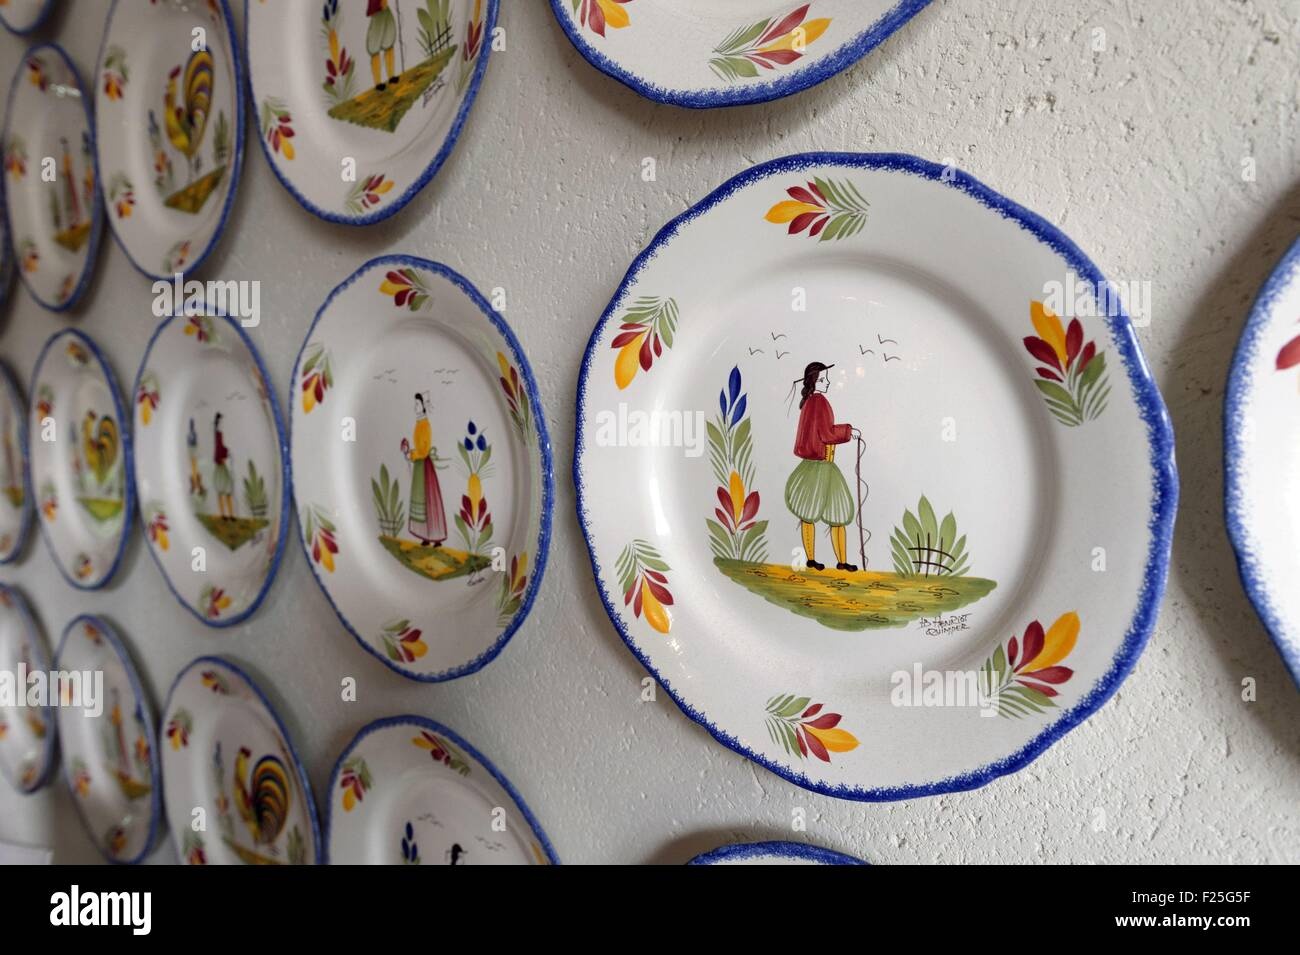 France, Finistere, Quimper, Earthenware of Quimper HB Henriot - Stock Image